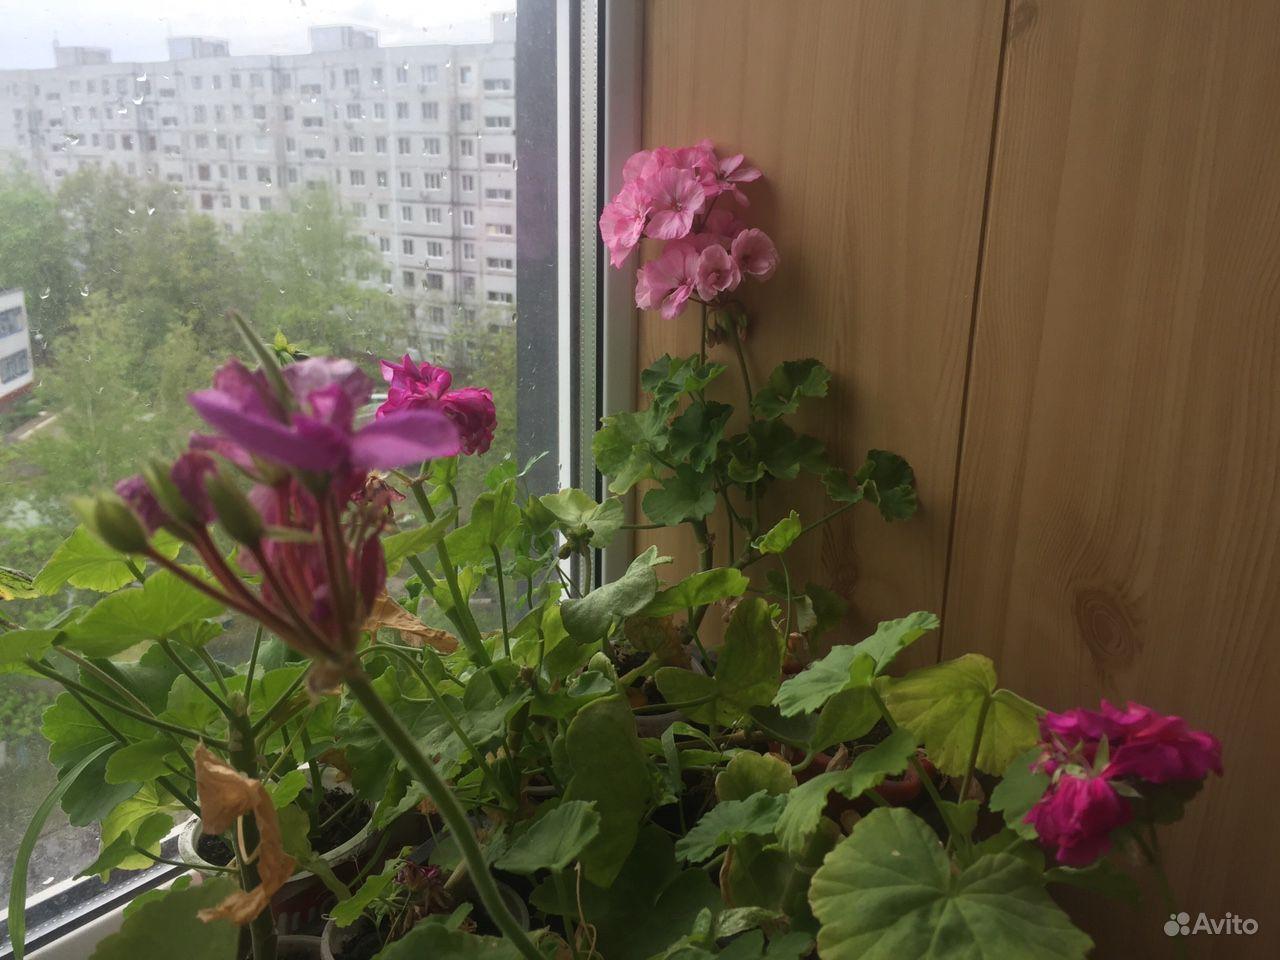 Герань пеларгония купить на Зозу.ру - фотография № 7